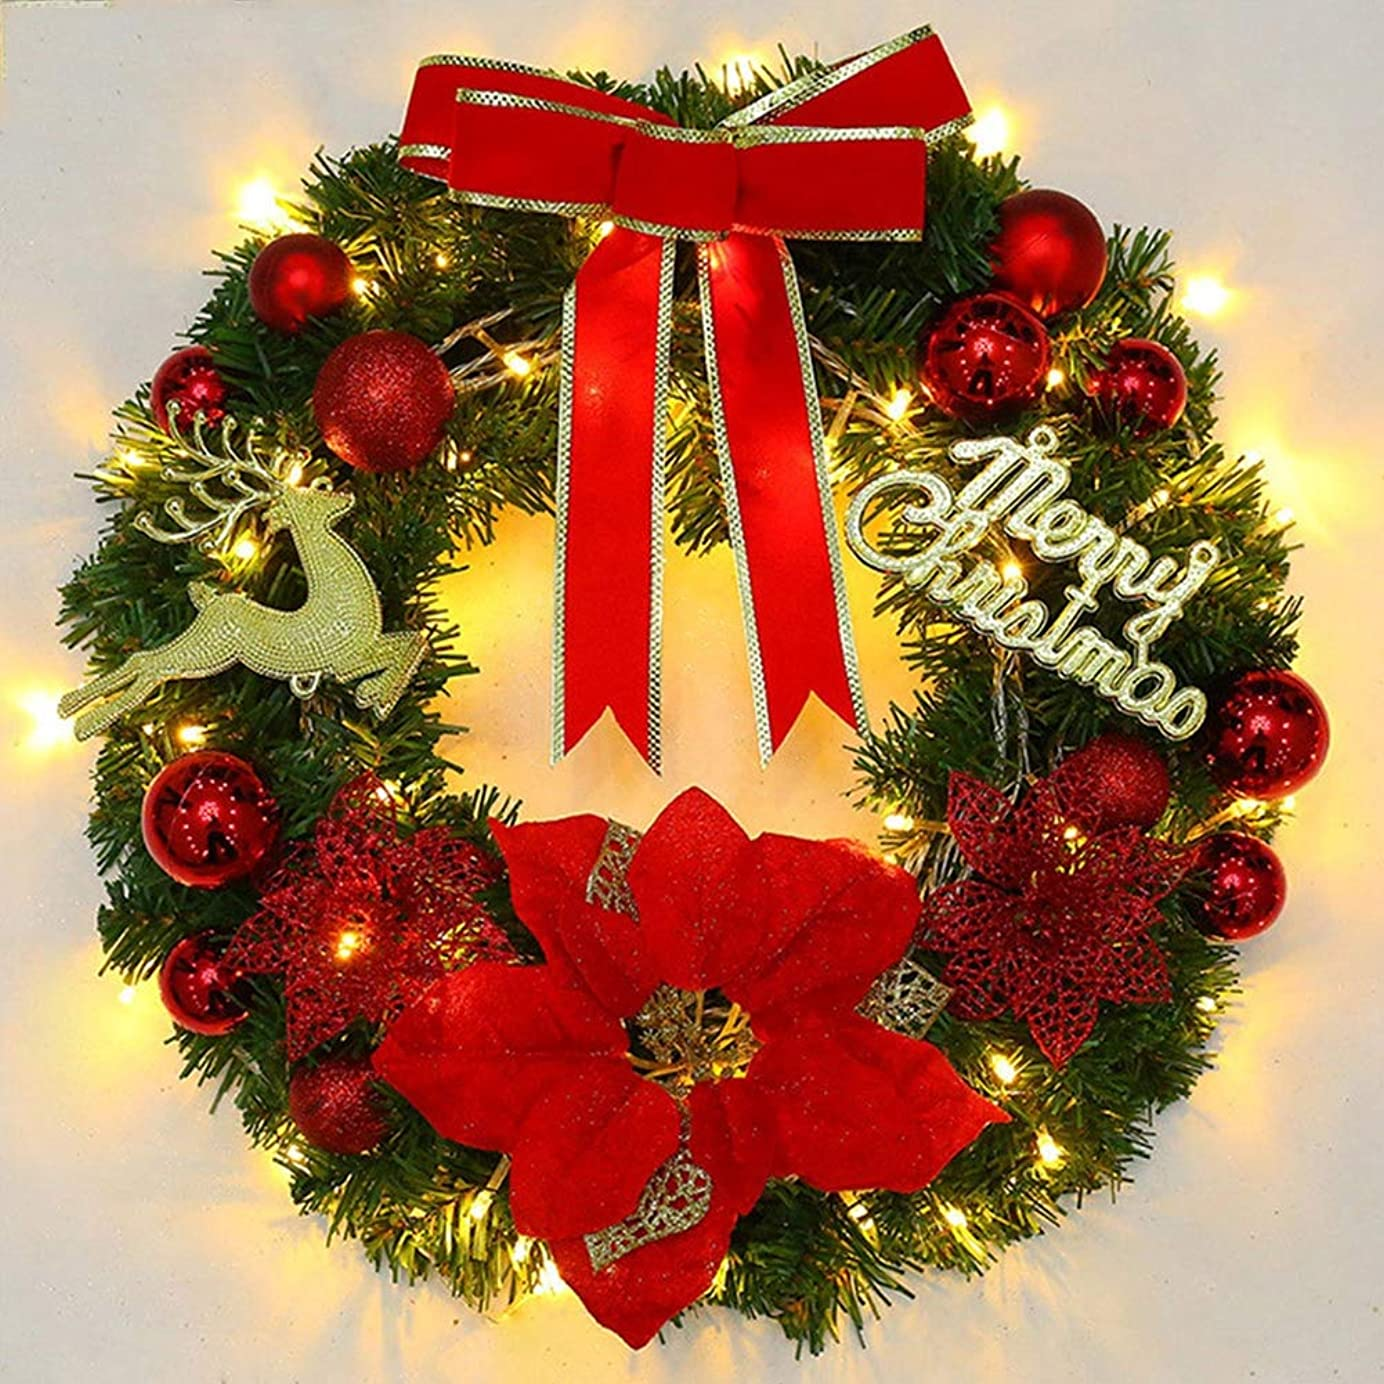 経験泣き叫ぶアナリストクリスマス リース 鹿と手紙 直径40cm クリスマス オーナメントり付き 贈り物 造花 ギフト 年末 冬 イベント 部屋 玄関 飾り 装飾品